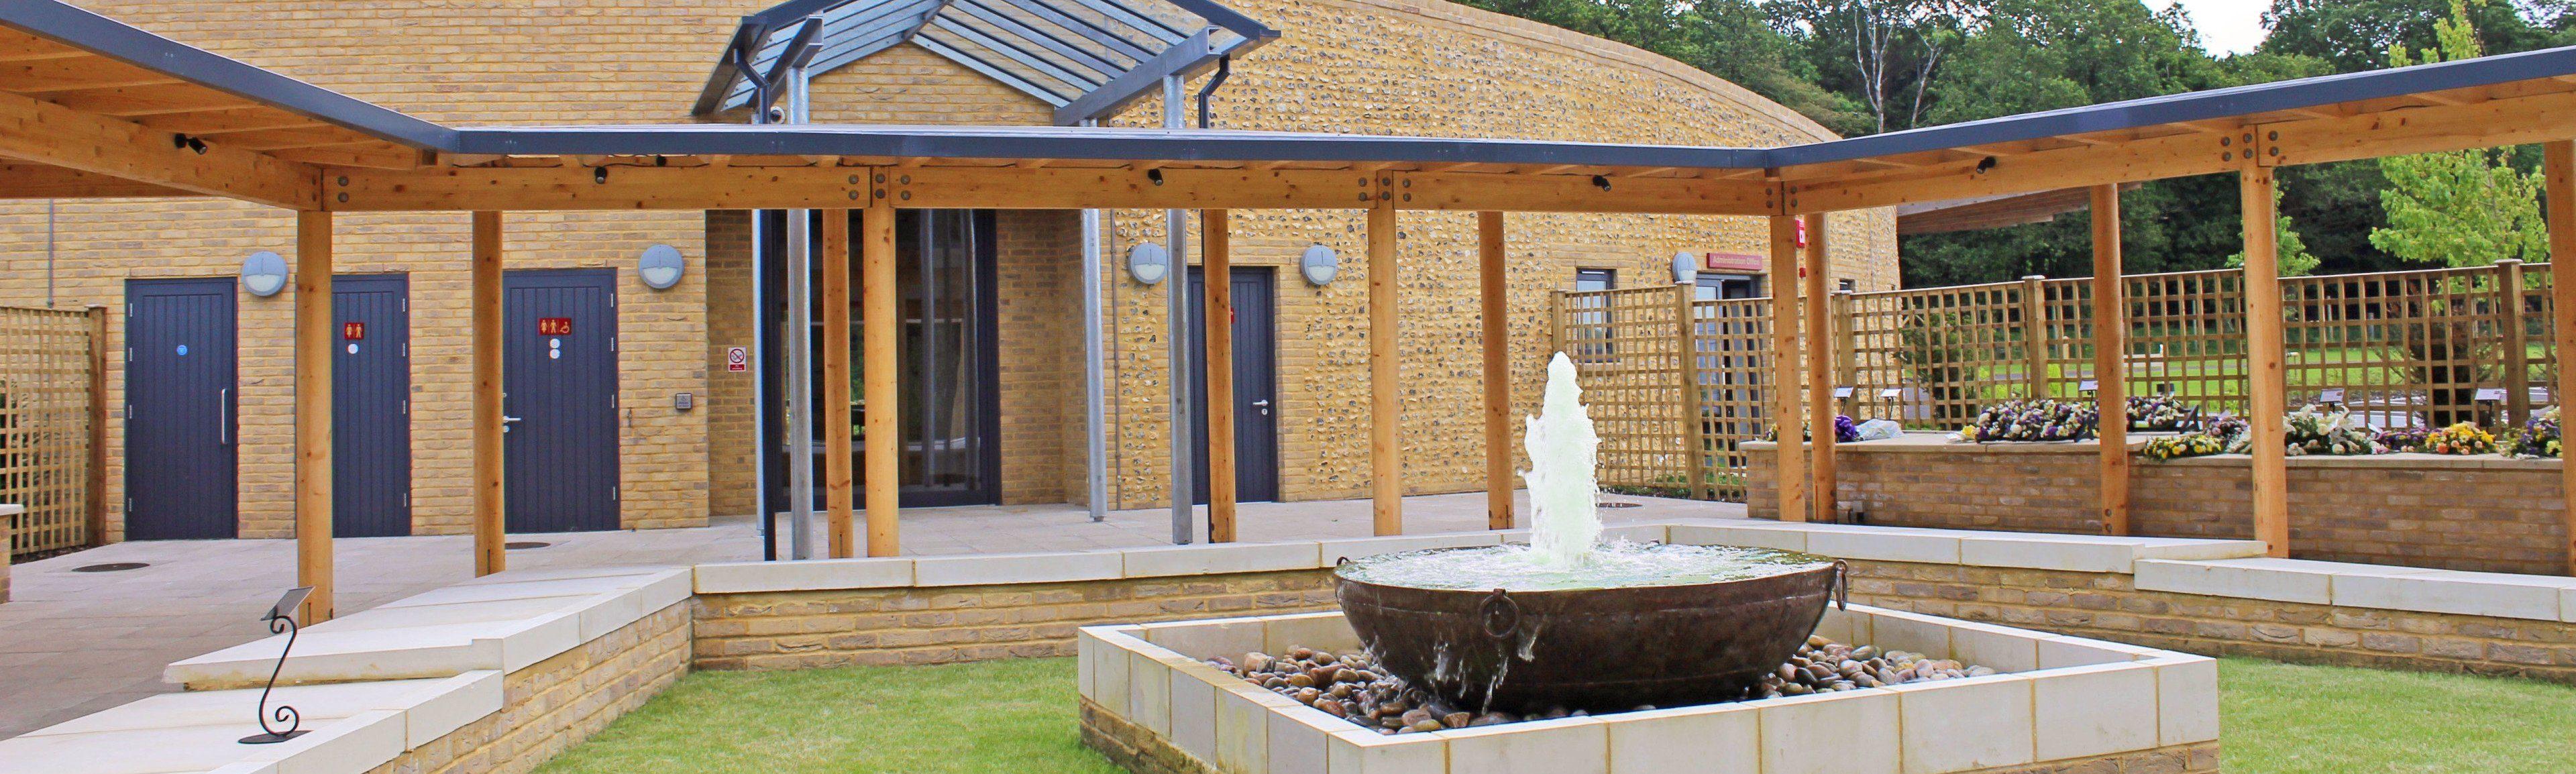 The Oaks Crematorium, Havant, Hampshire